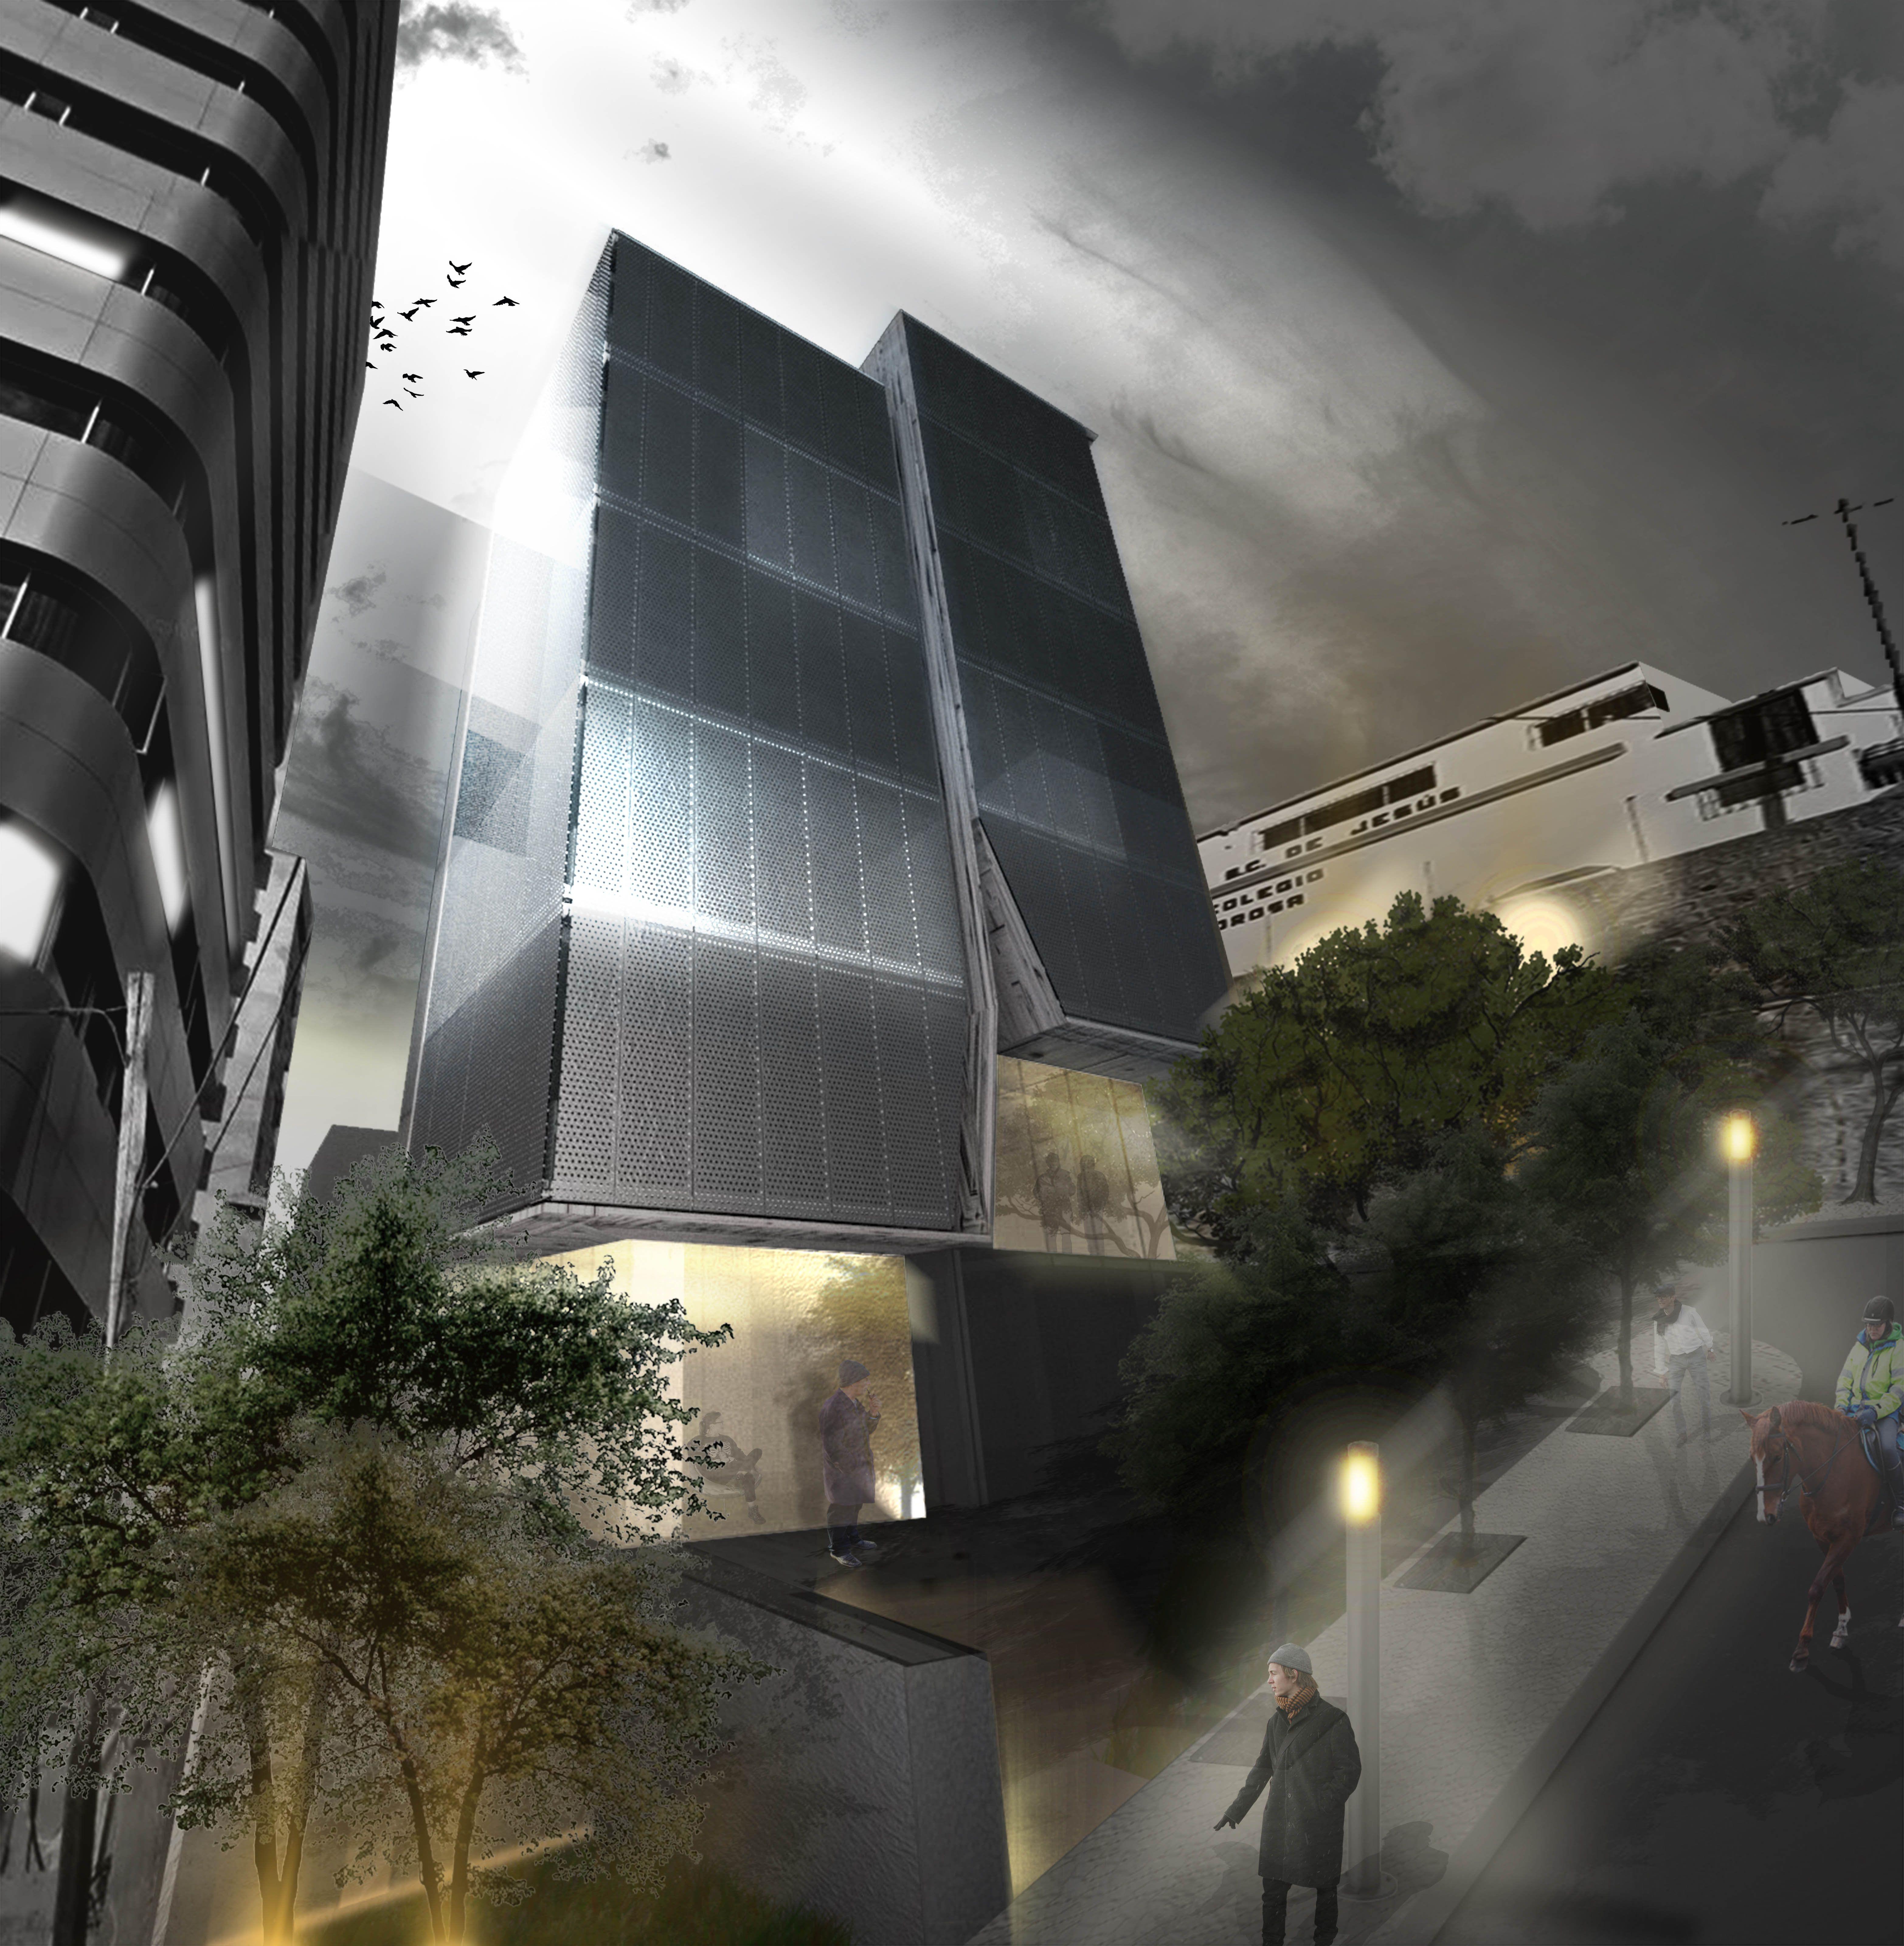 odD+ (proyecto propiedad despacho)    Render de arquitectura (noche)  Agustín Antonio Patiño Pazmiño